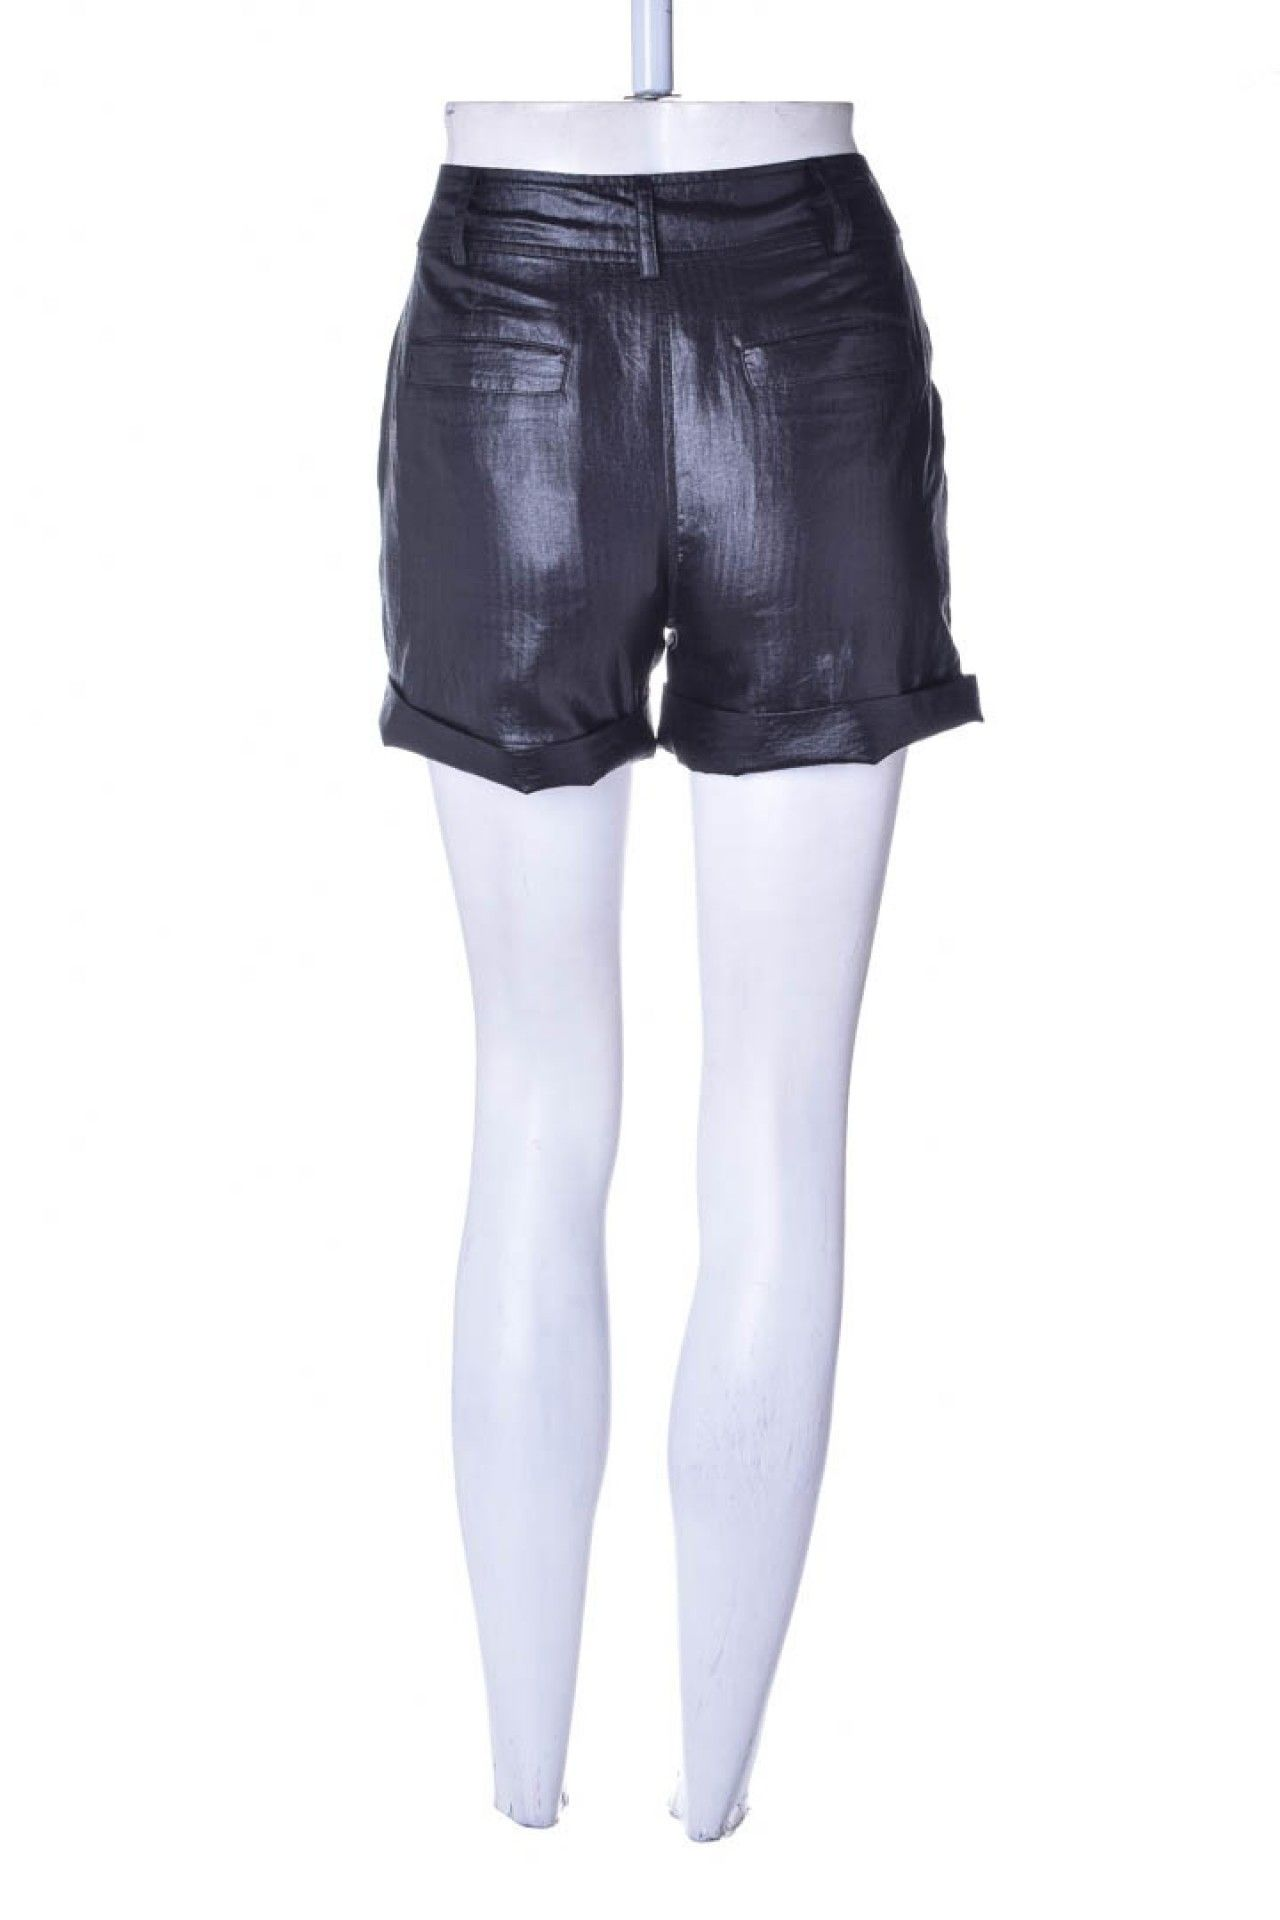 Armani Exchange - Shorts Alfaitaria Preto  - Foto 3